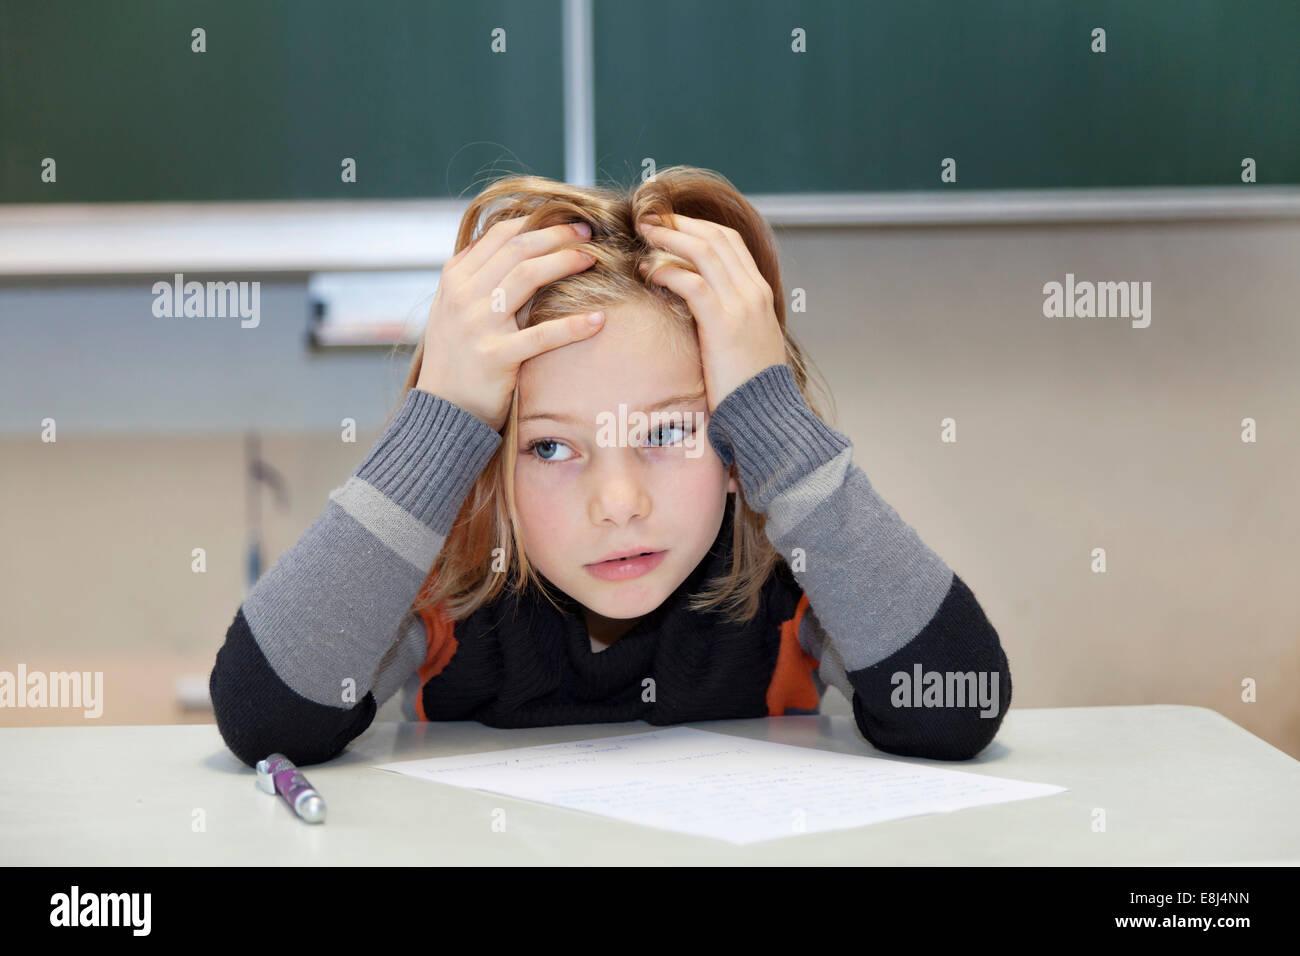 La scolaretta, 9 anni, lottando durante un esame difficile Foto Stock